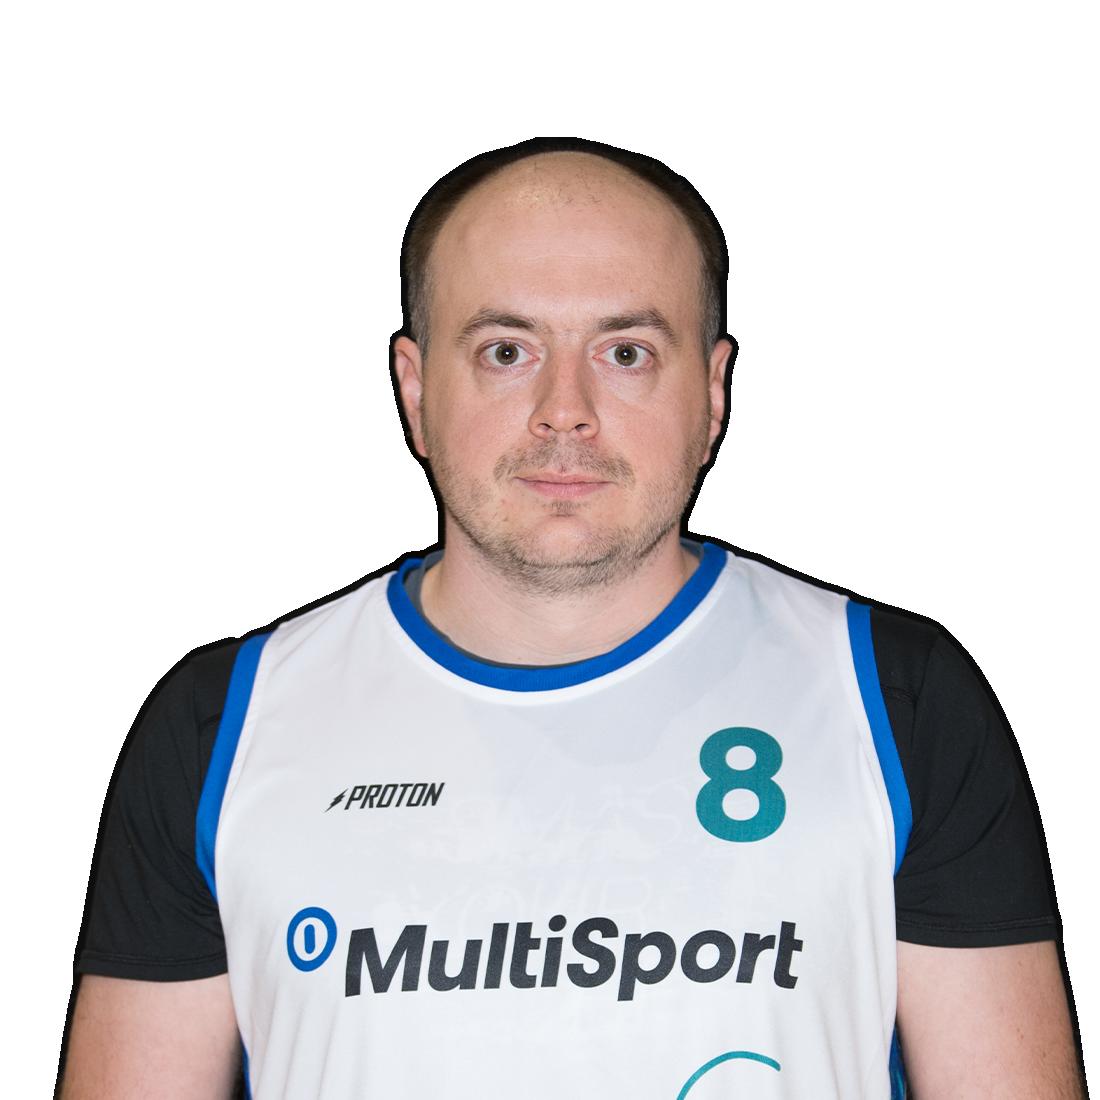 Karol Julikowski